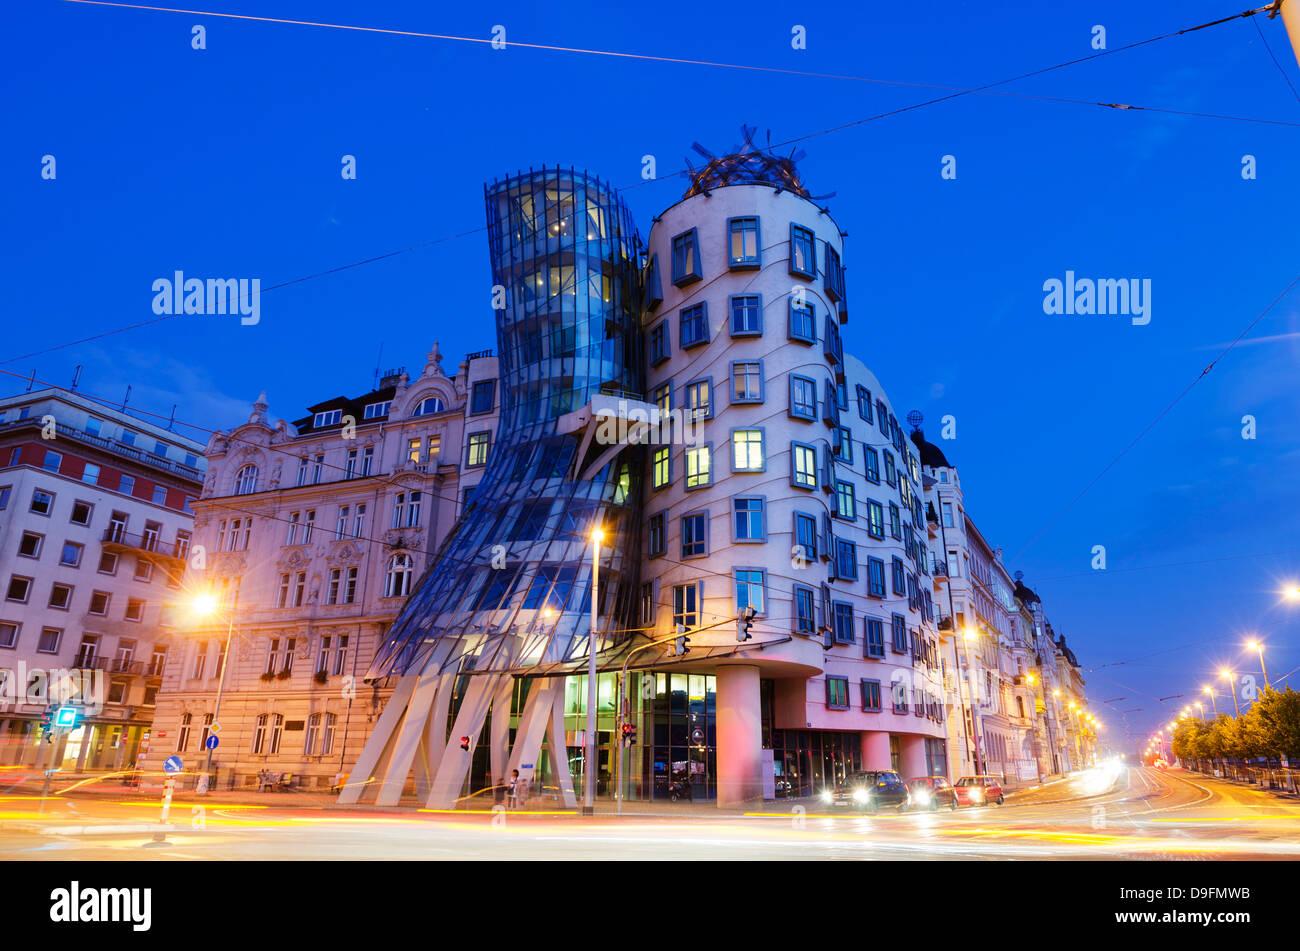 Fred et Ginger École de danse, Dancing House, conçue par Frank O Geary, Prague, République Tchèque Photo Stock